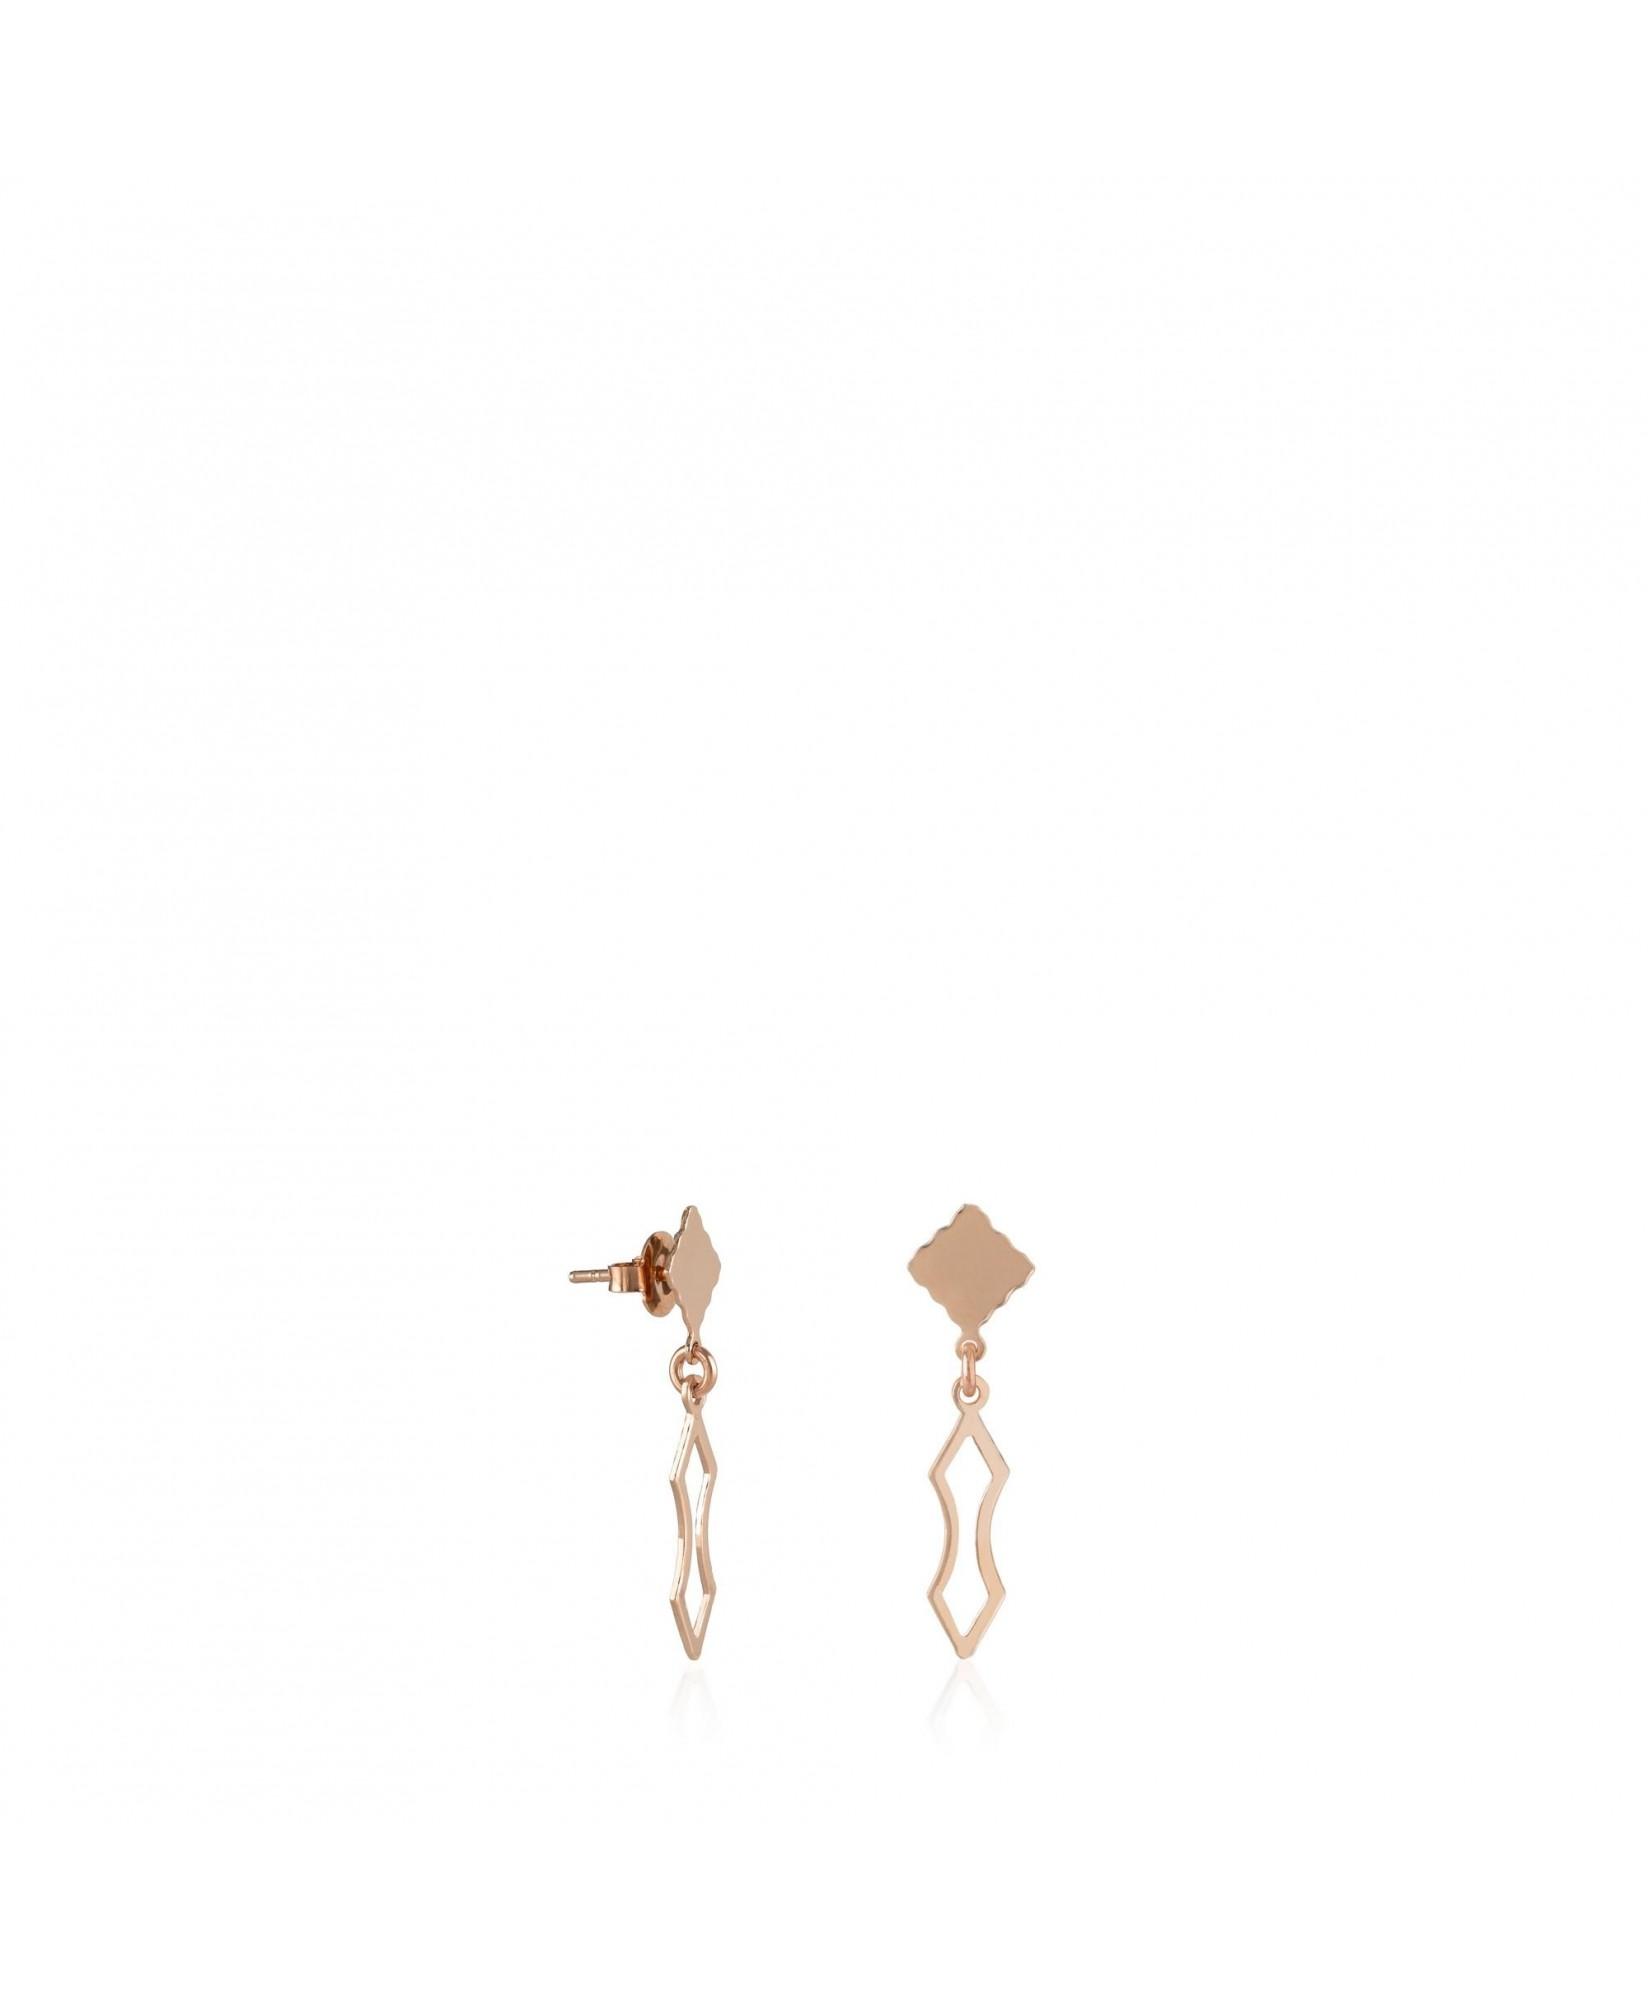 Pendientes largos oro rosa Fuego con forma de lanza Pendientes largos oro rosa Fuego con forma de lanza